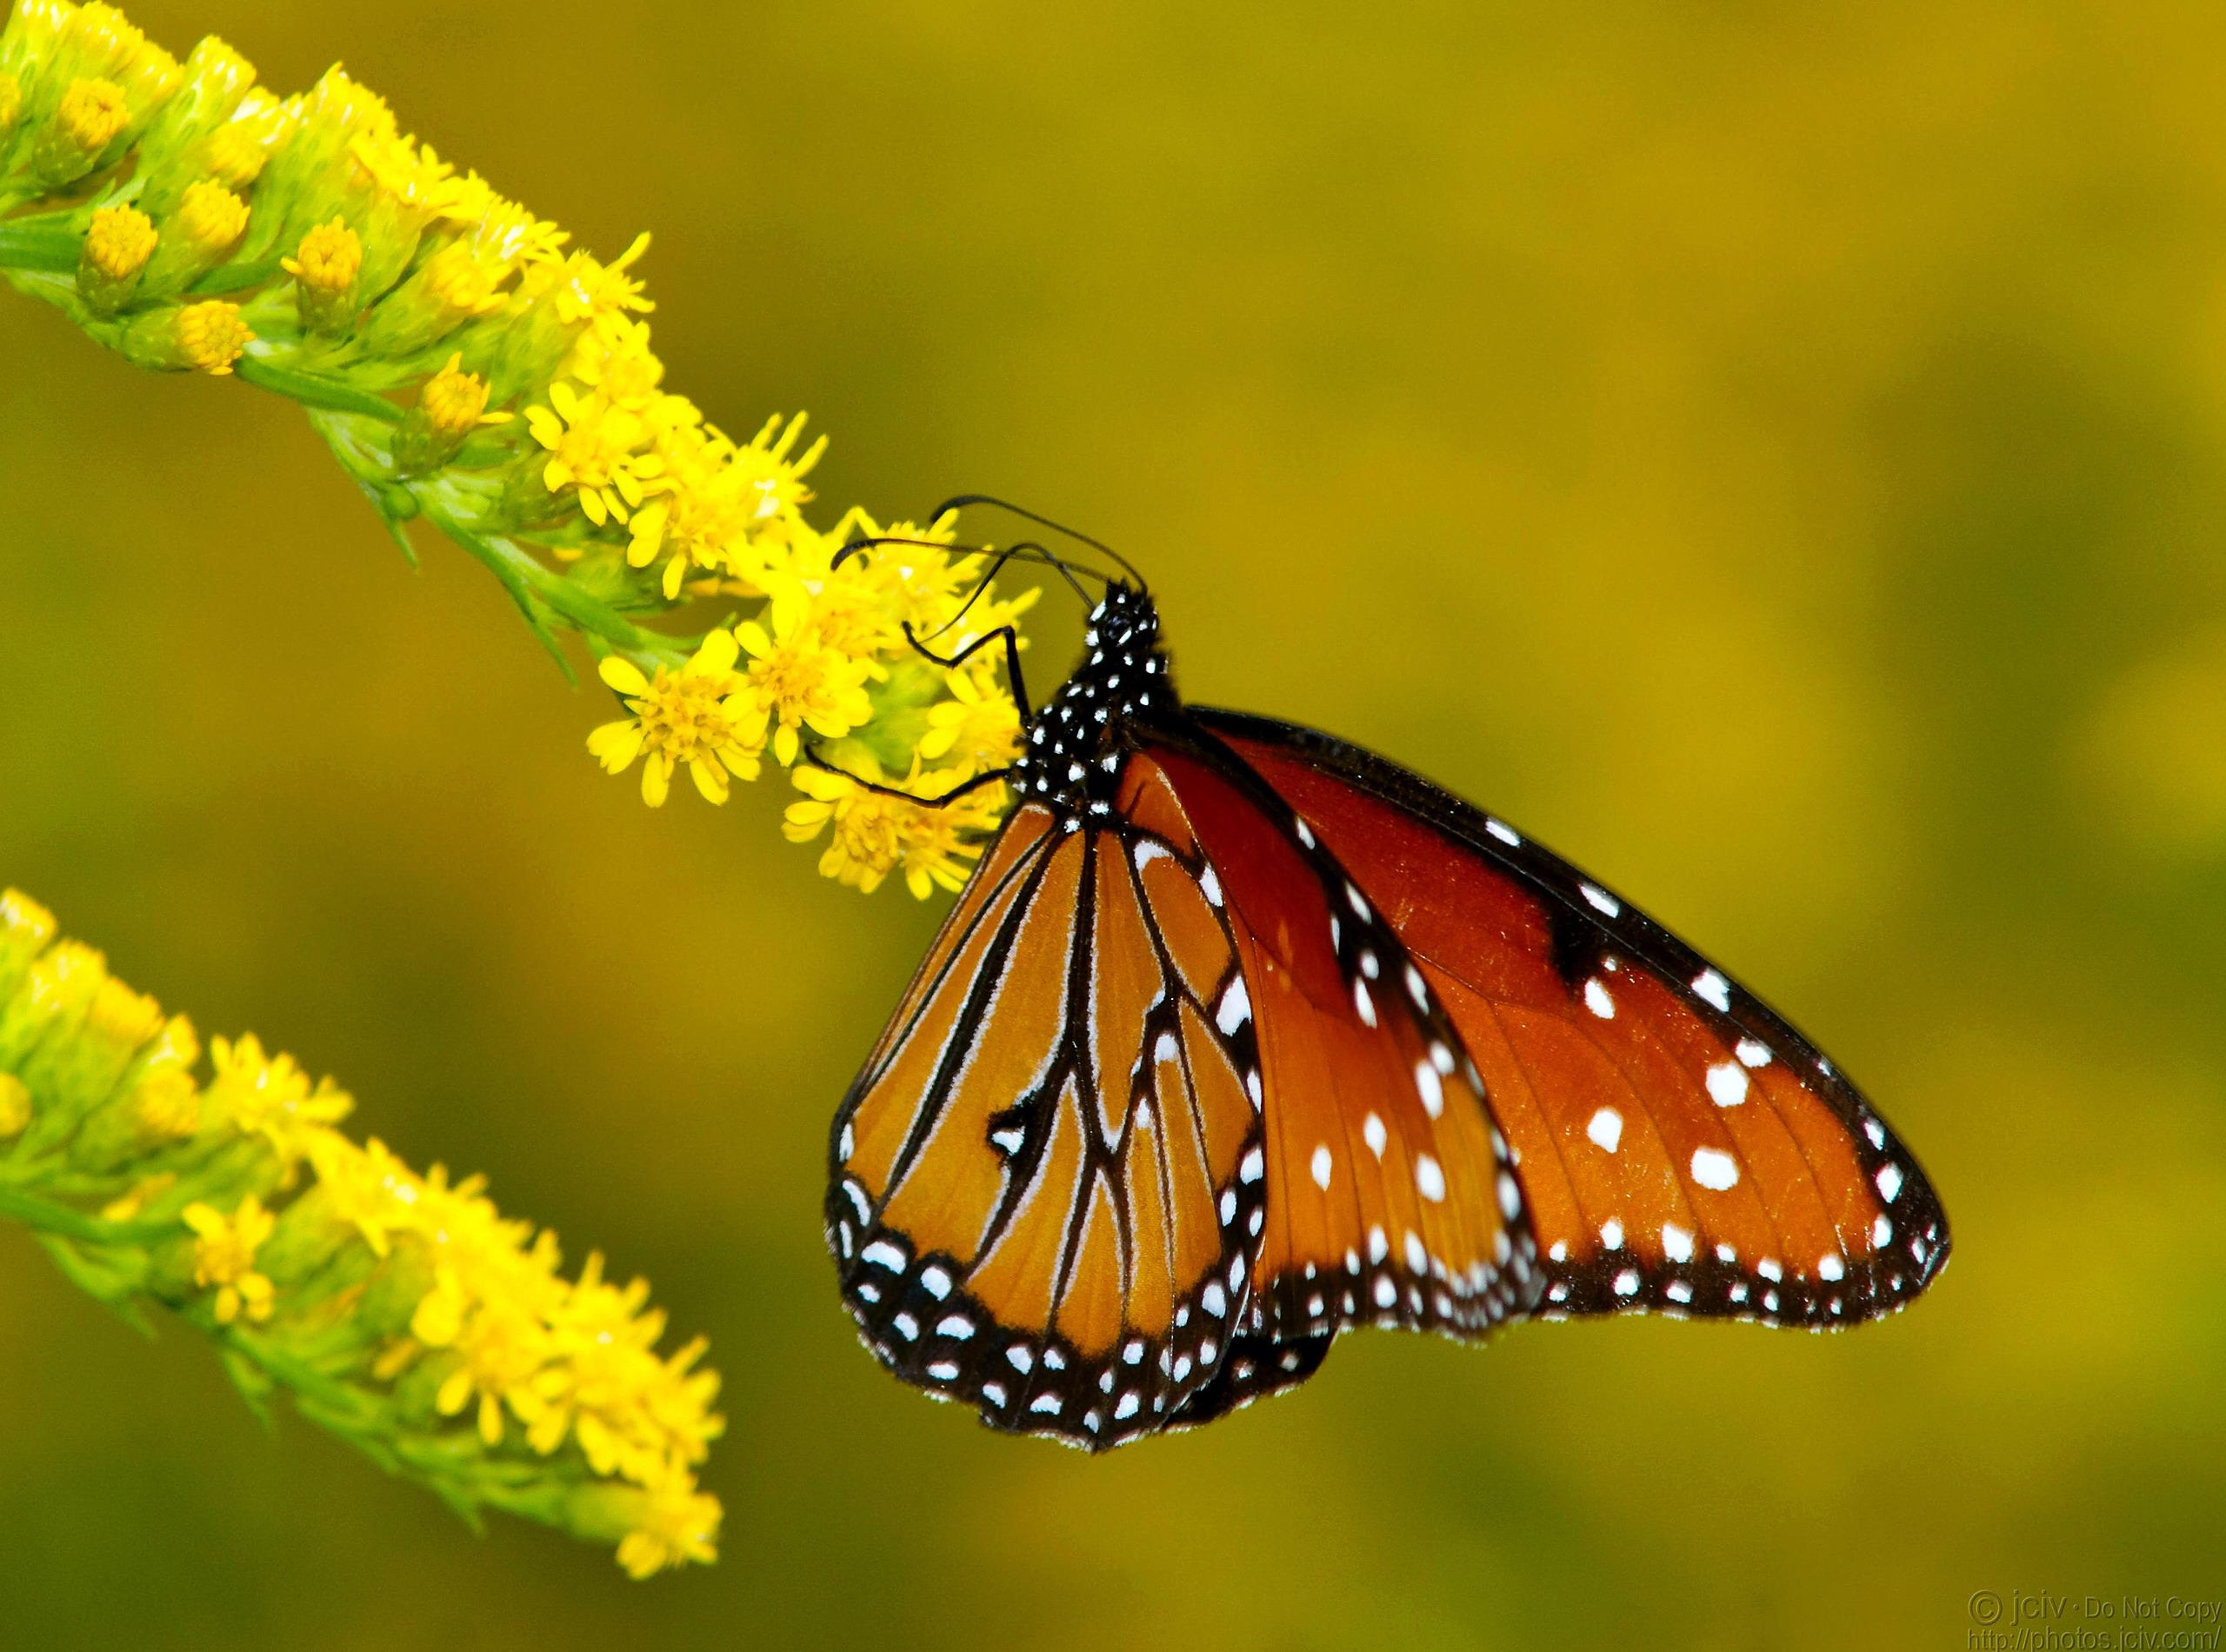 бабочка папоротник  № 3138421 загрузить